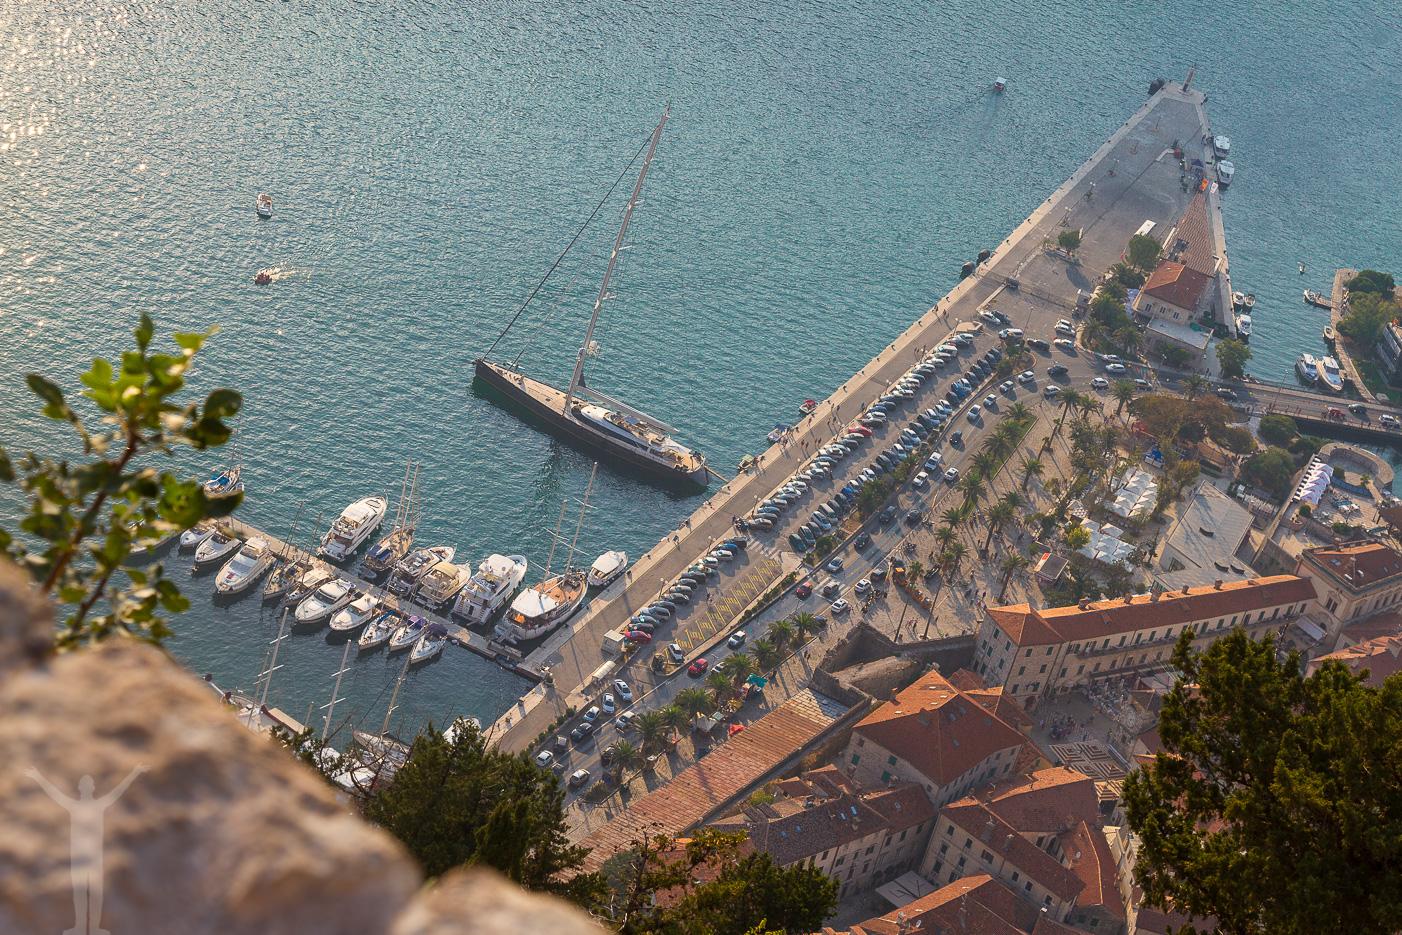 Marina i Kotor